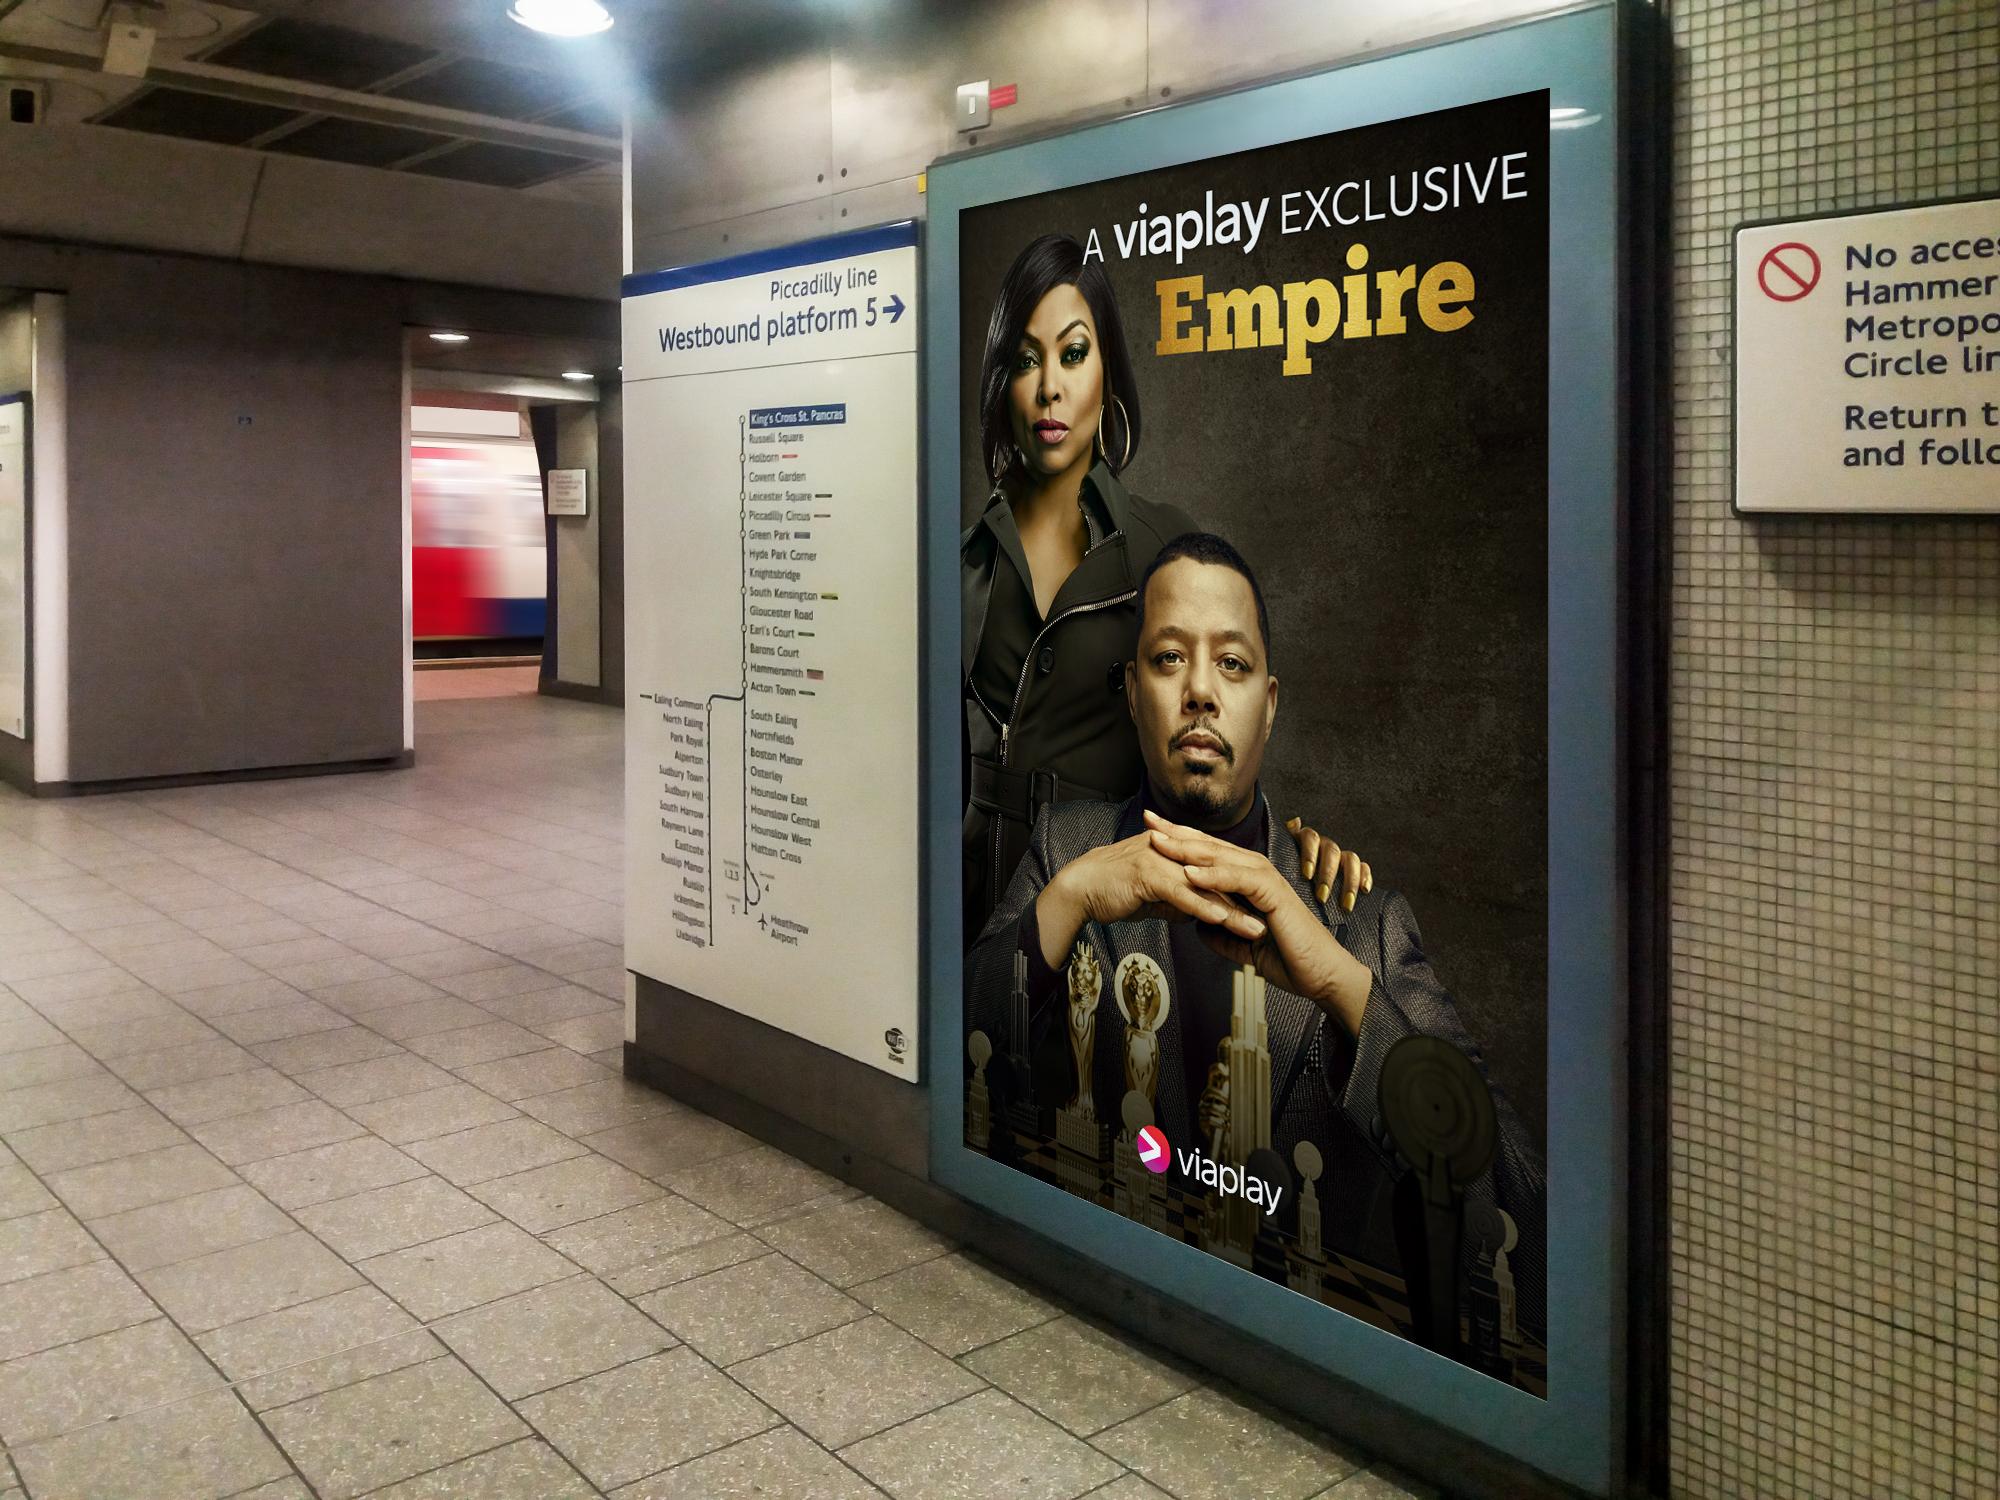 Digital Poster - Tube Advertising #3